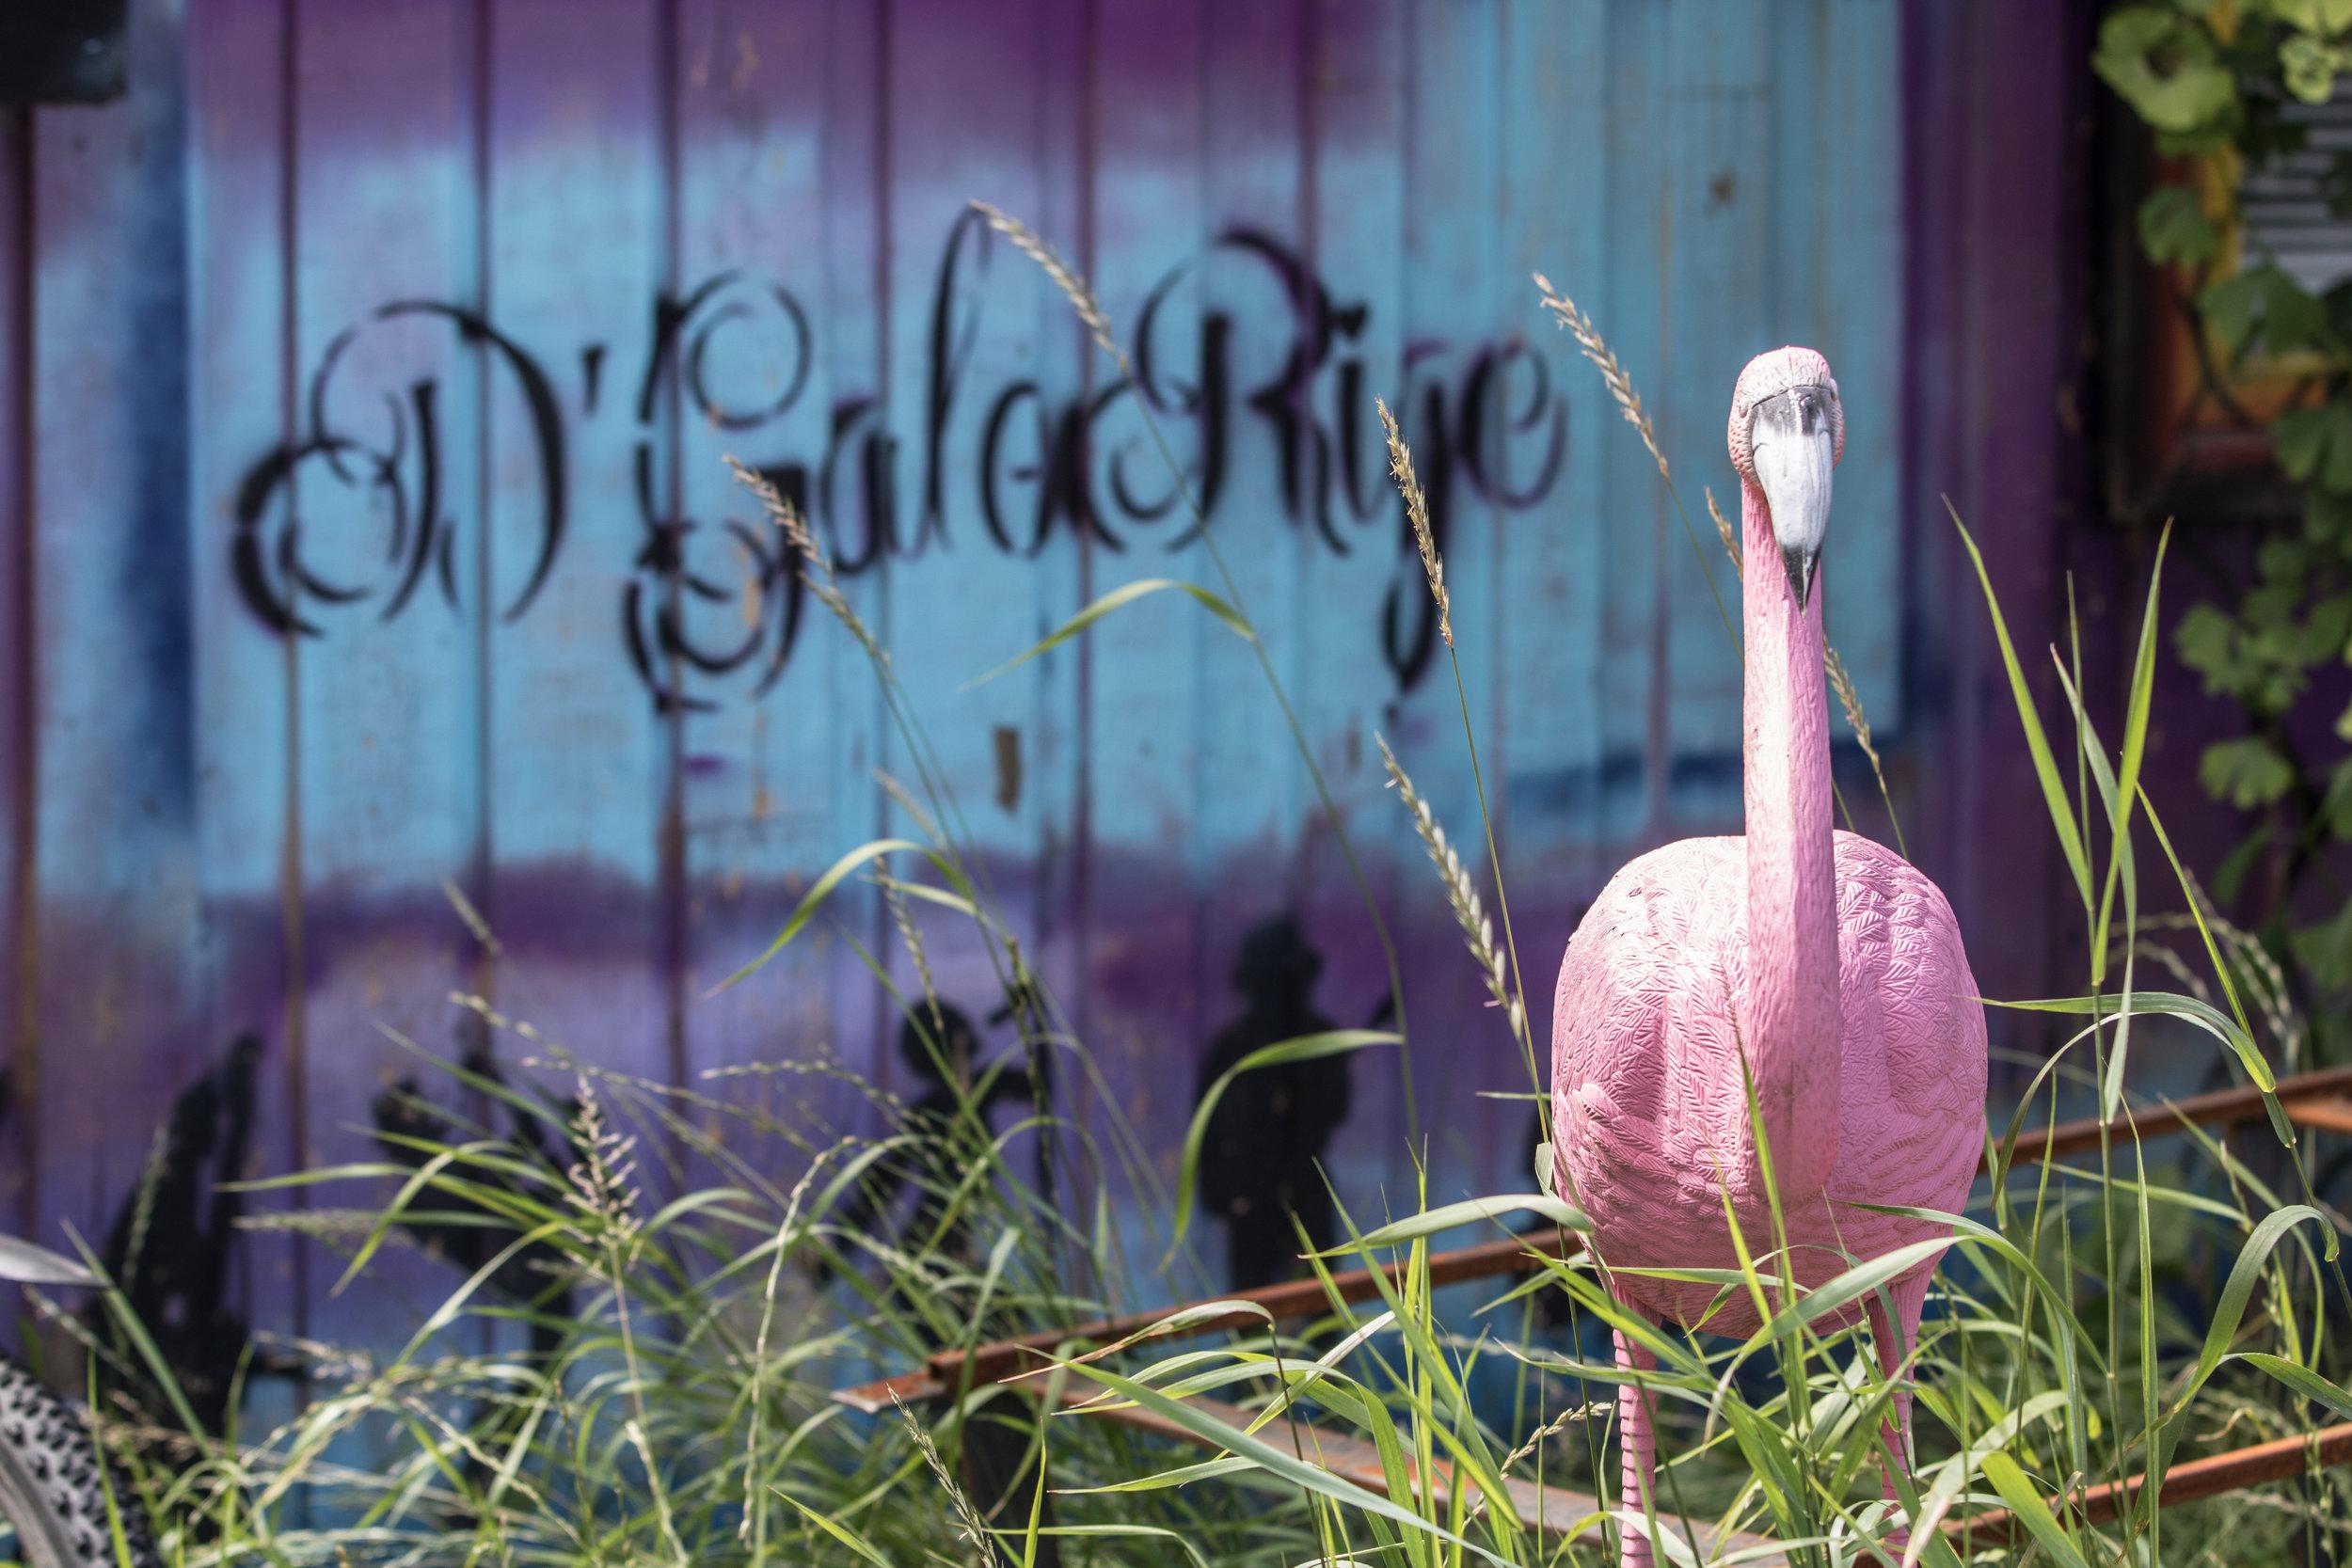 Pink Flamingos. Jeg er sikker på, at ejeren er gået efter en smule Miami Vice stemning her.